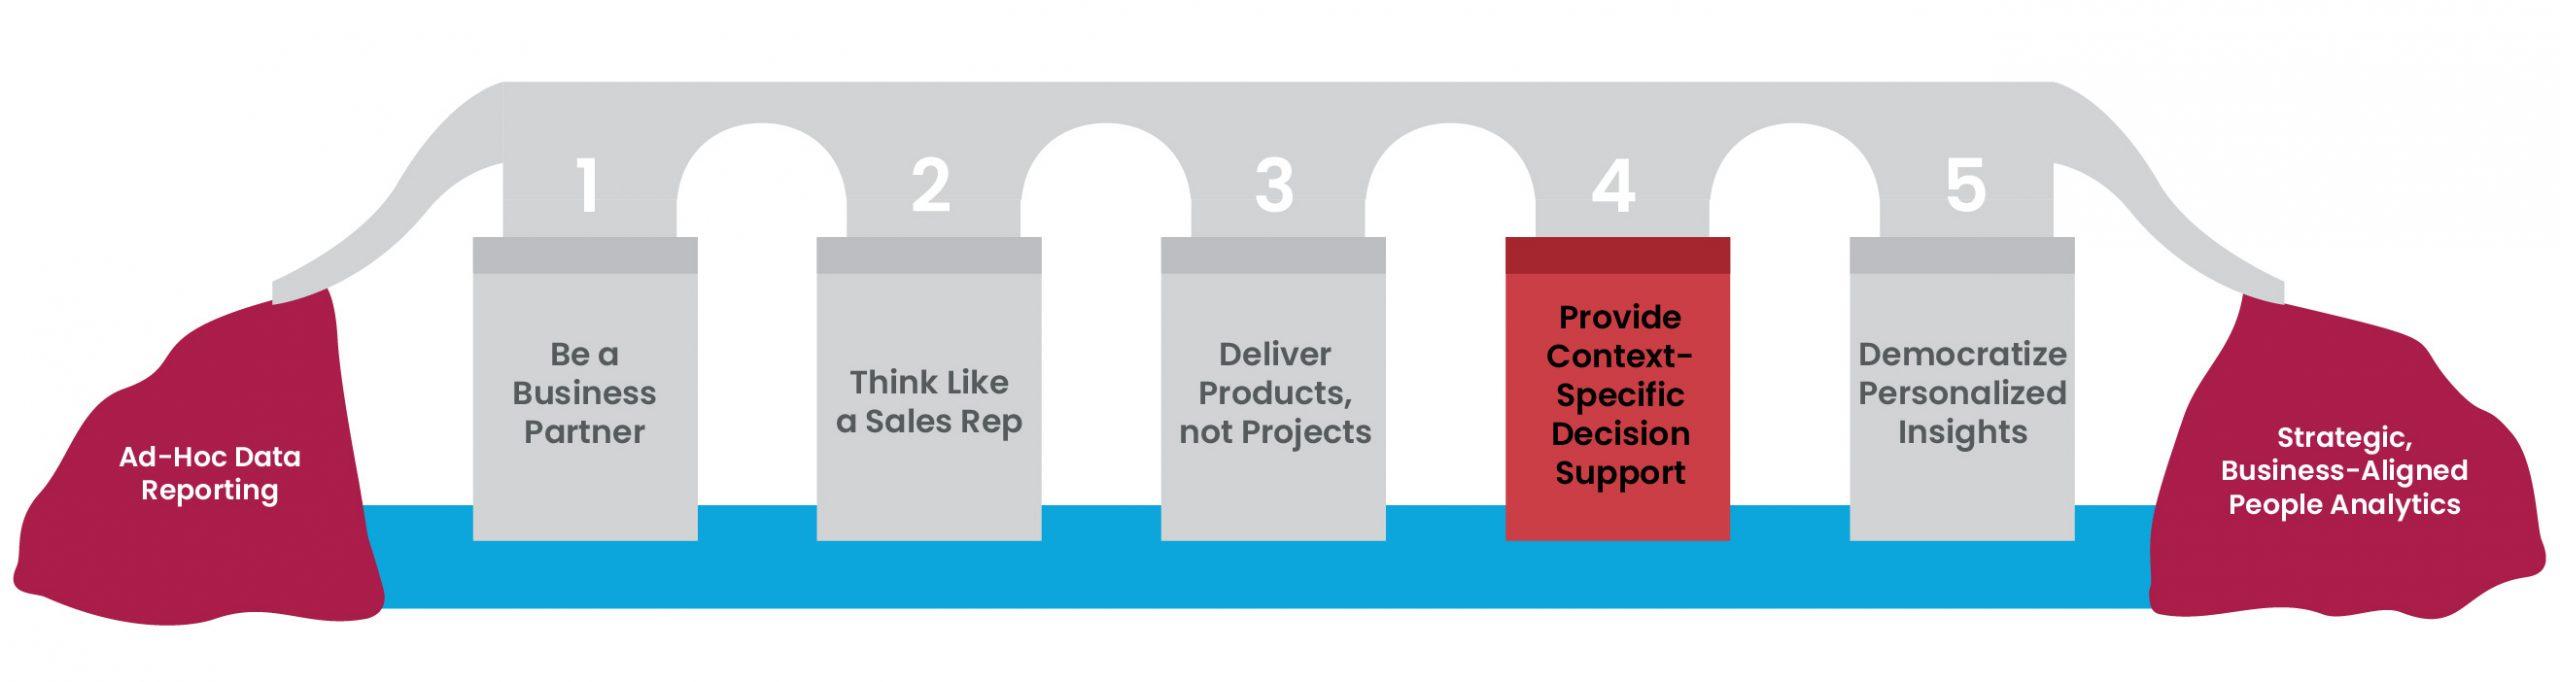 5 pillars figure 7